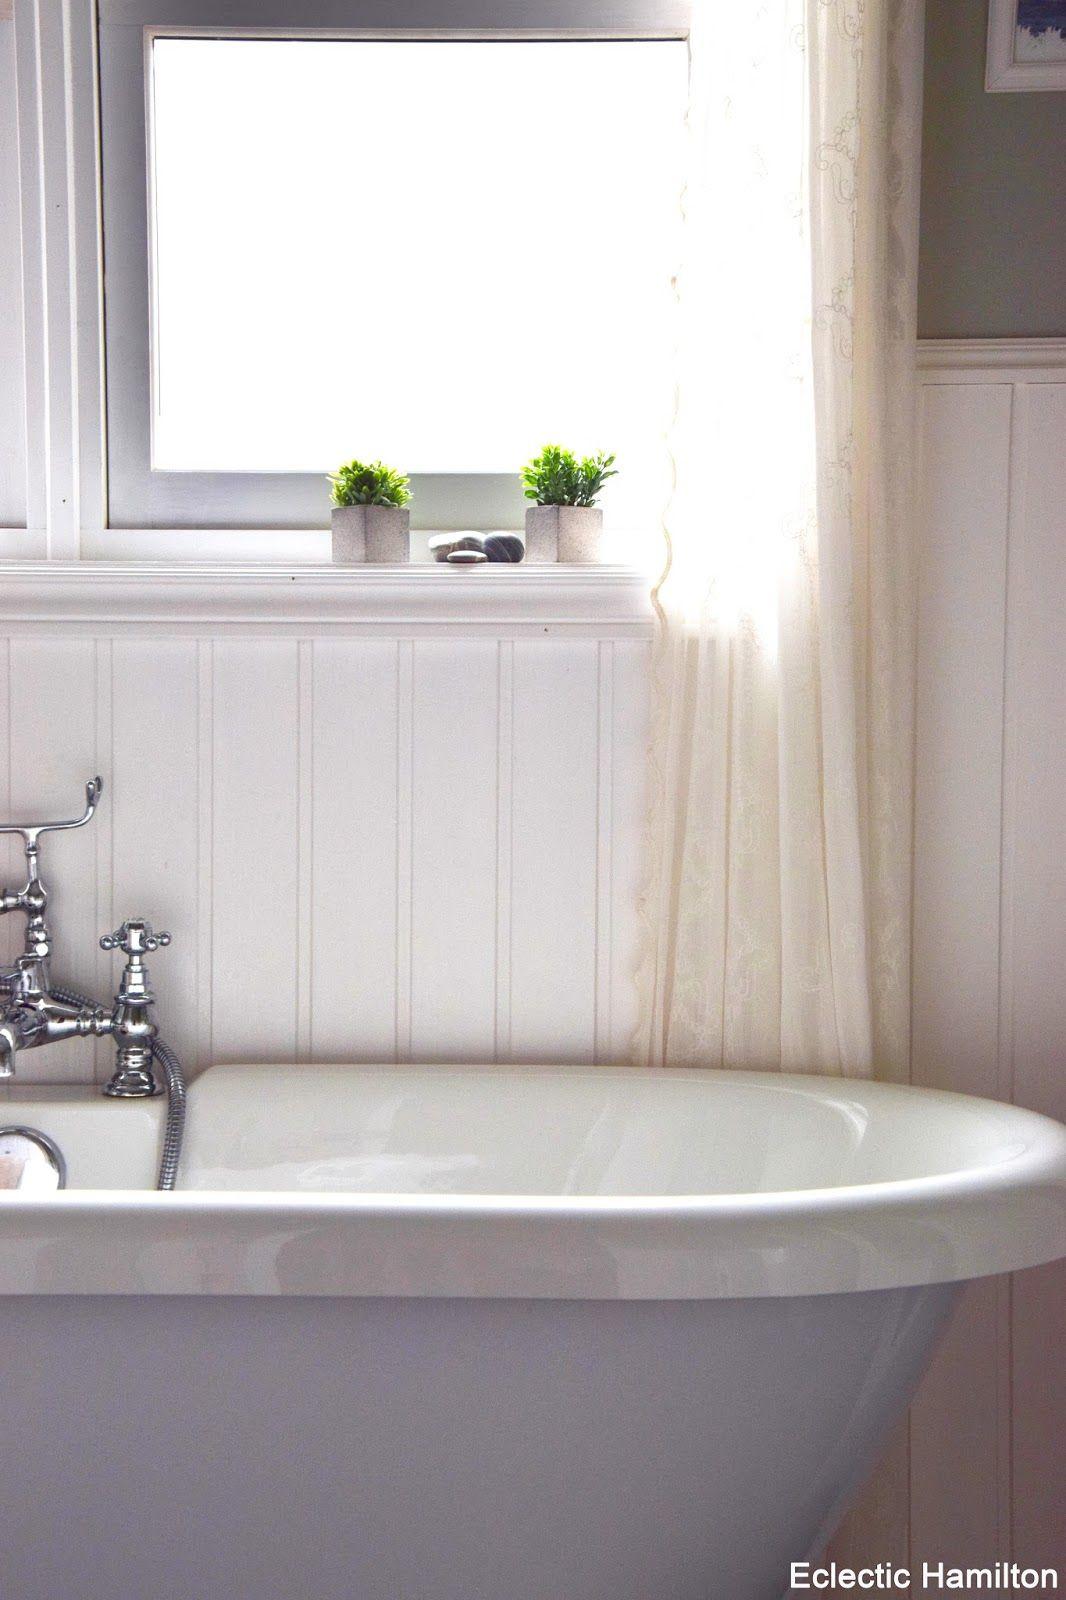 Pflanzen für mein Badezimmer und Einblicke (... endlich mal ...